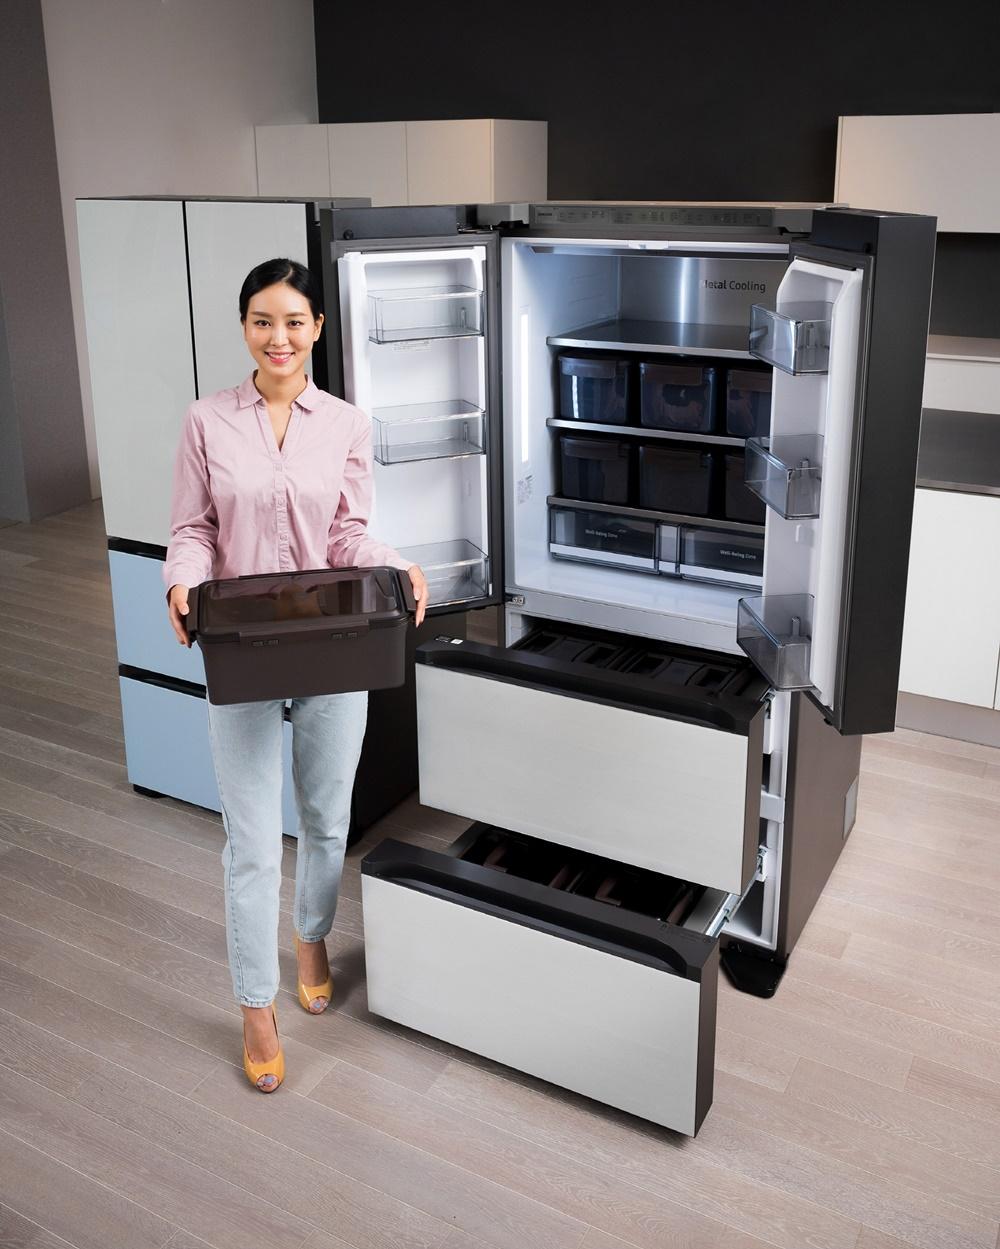 삼성전자 모델이 수원 삼성디지털시티 프리미엄하우스에서 프리미엄 김치냉장고 신제품 '비스포크 김치플러스'를 소개하고 있다.